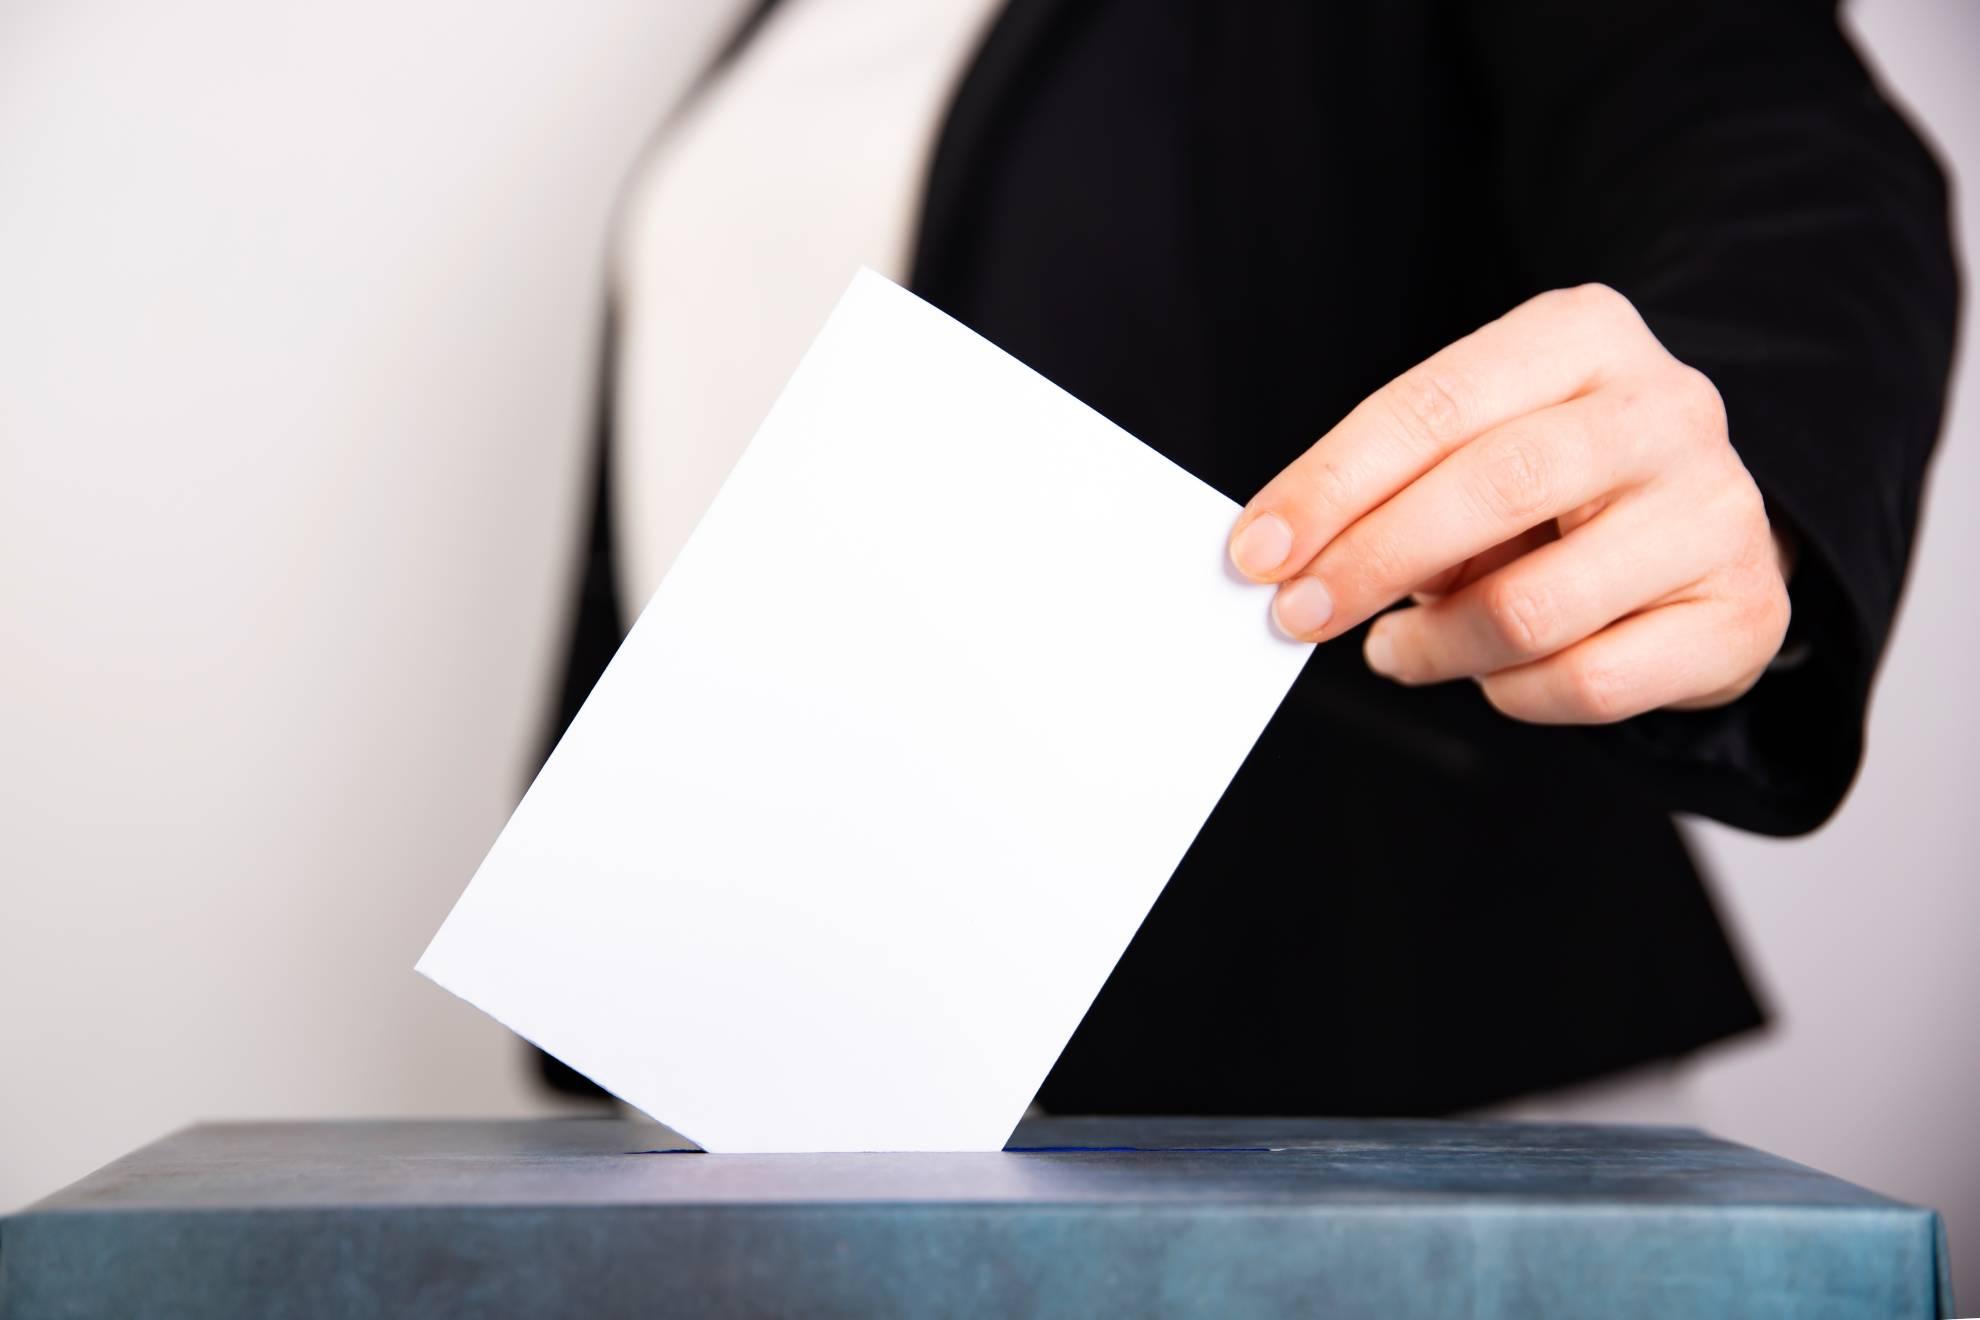 woman-votes-on-election-day-VQBFAQN (1)